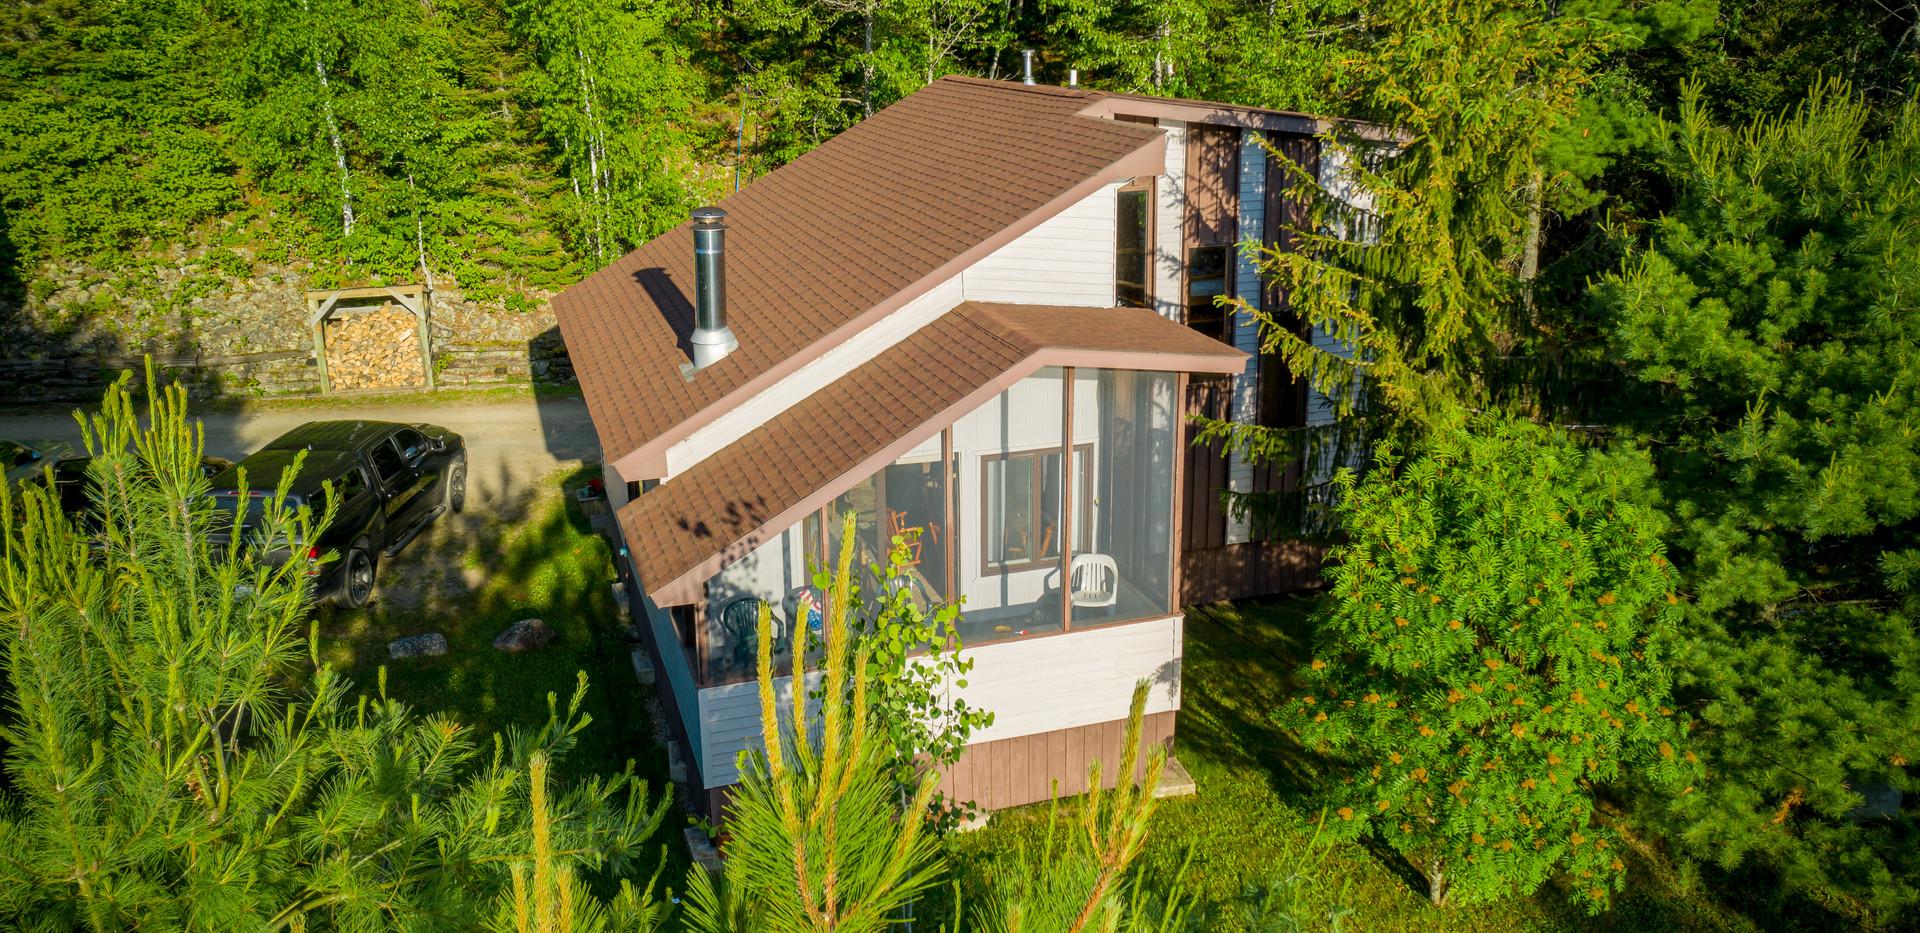 Tanglewood Cabin